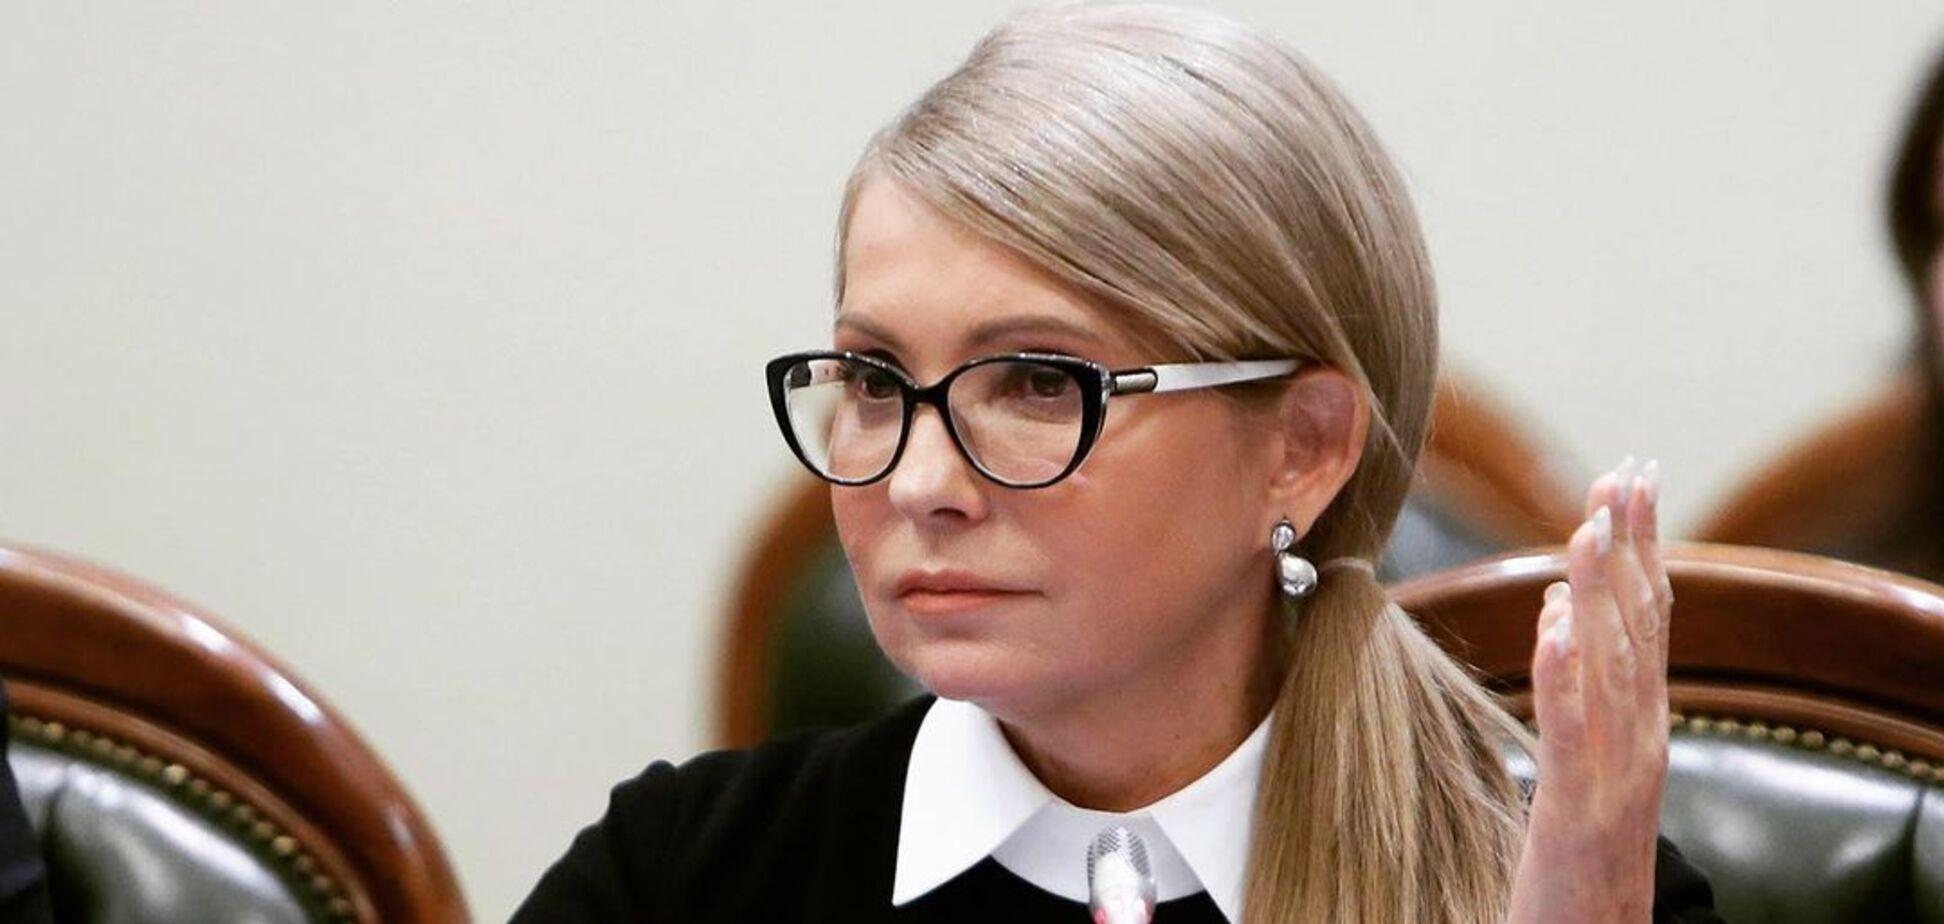 Тимошенко показала елегантну зачіску на нараді. Фото